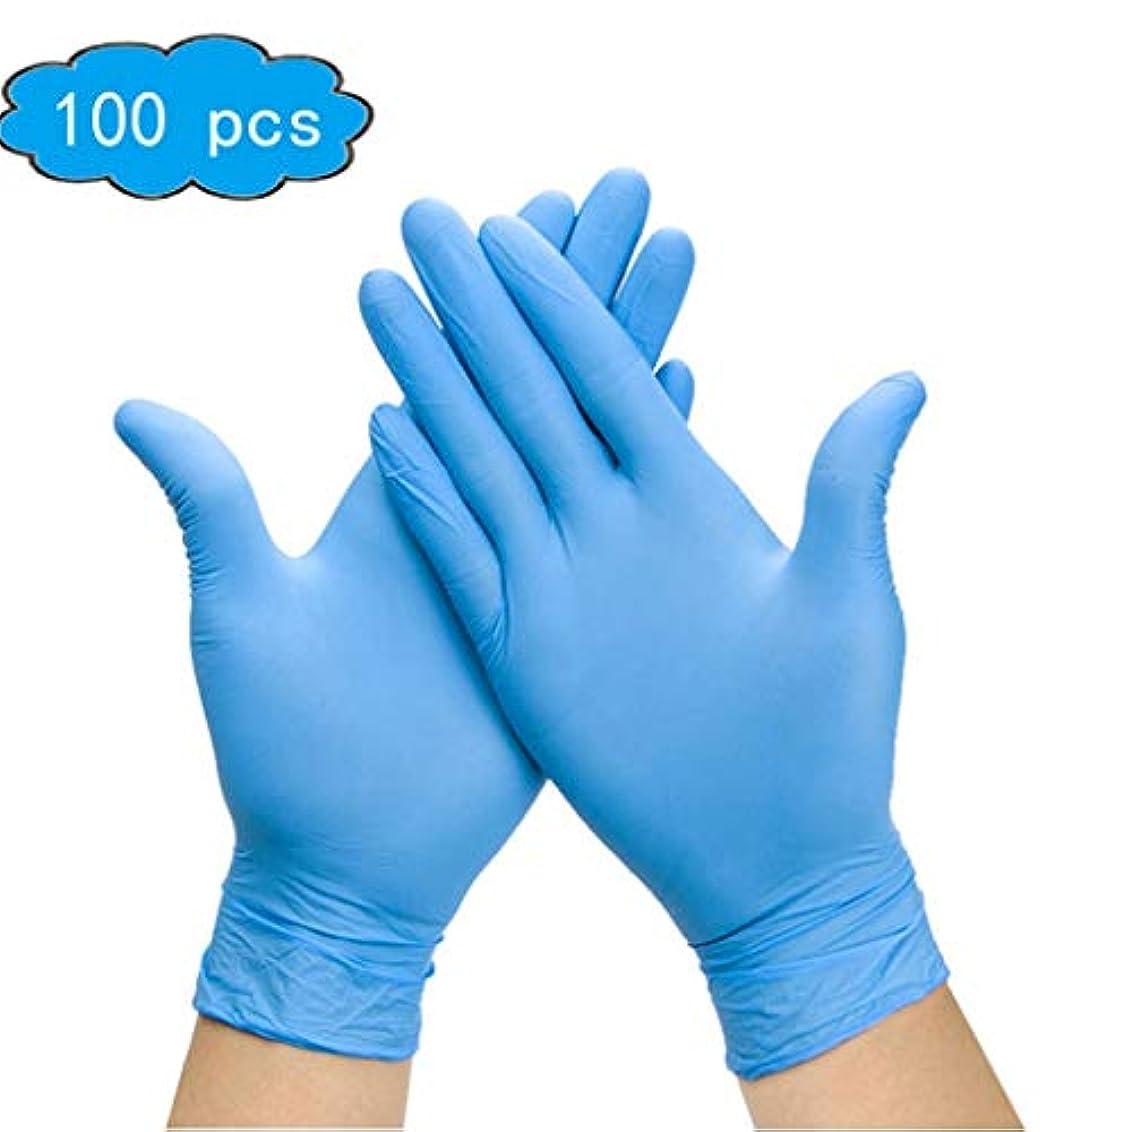 する必要がある白い推進、動かす使い捨てニトリル手袋-パウダーフリー、ゴムラテックスフリー、医療検査グレード、非滅菌、両性利き-ソフトブルー(100個)、ラボ&科学製品 (Color : Blue, Size : L)